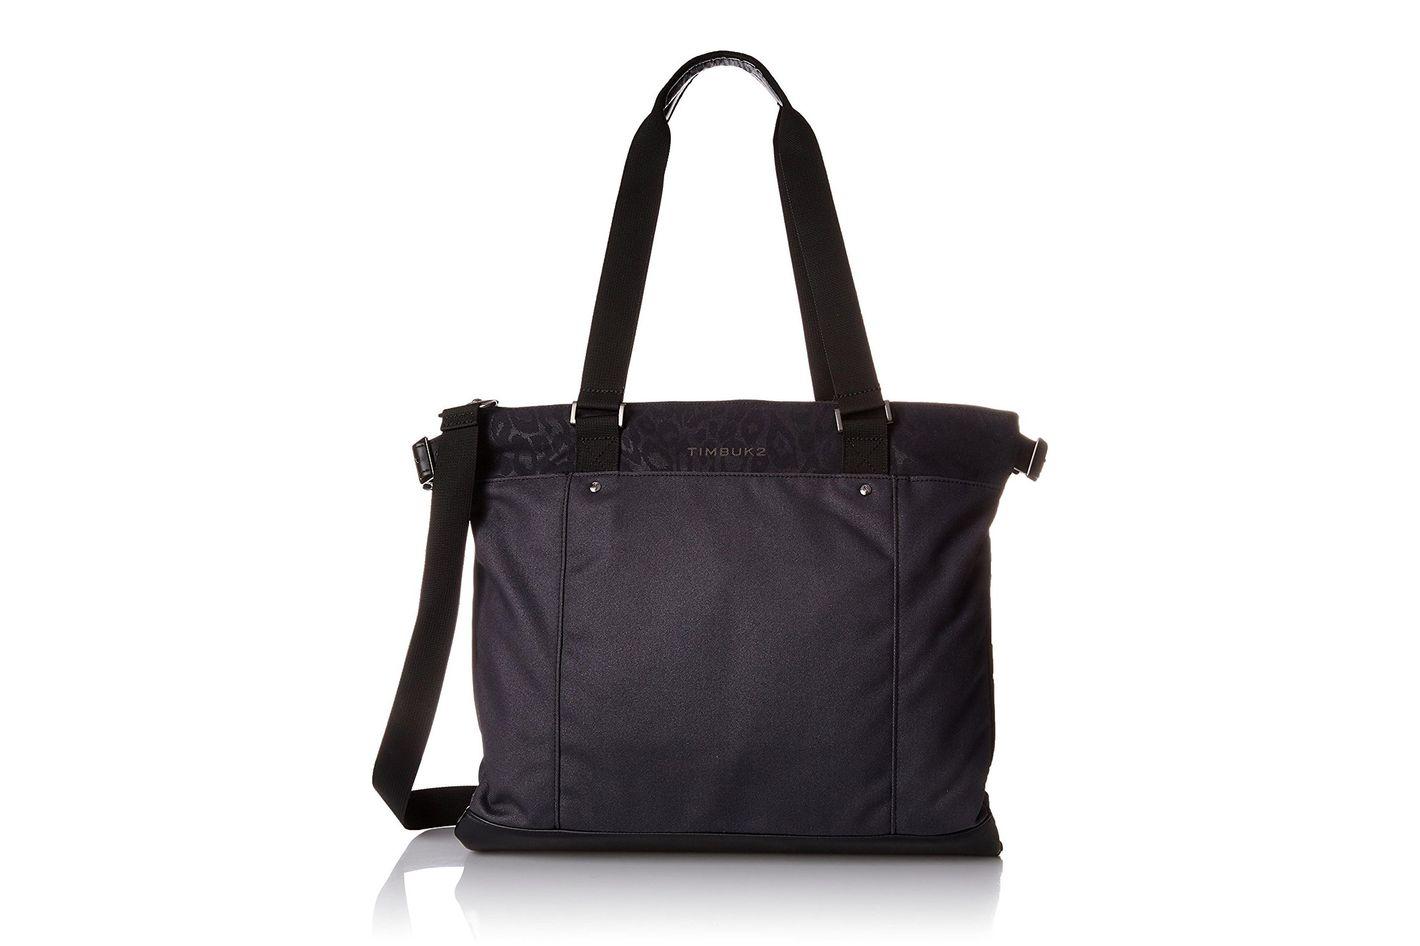 Timbuk2 Grove Tote Bag At